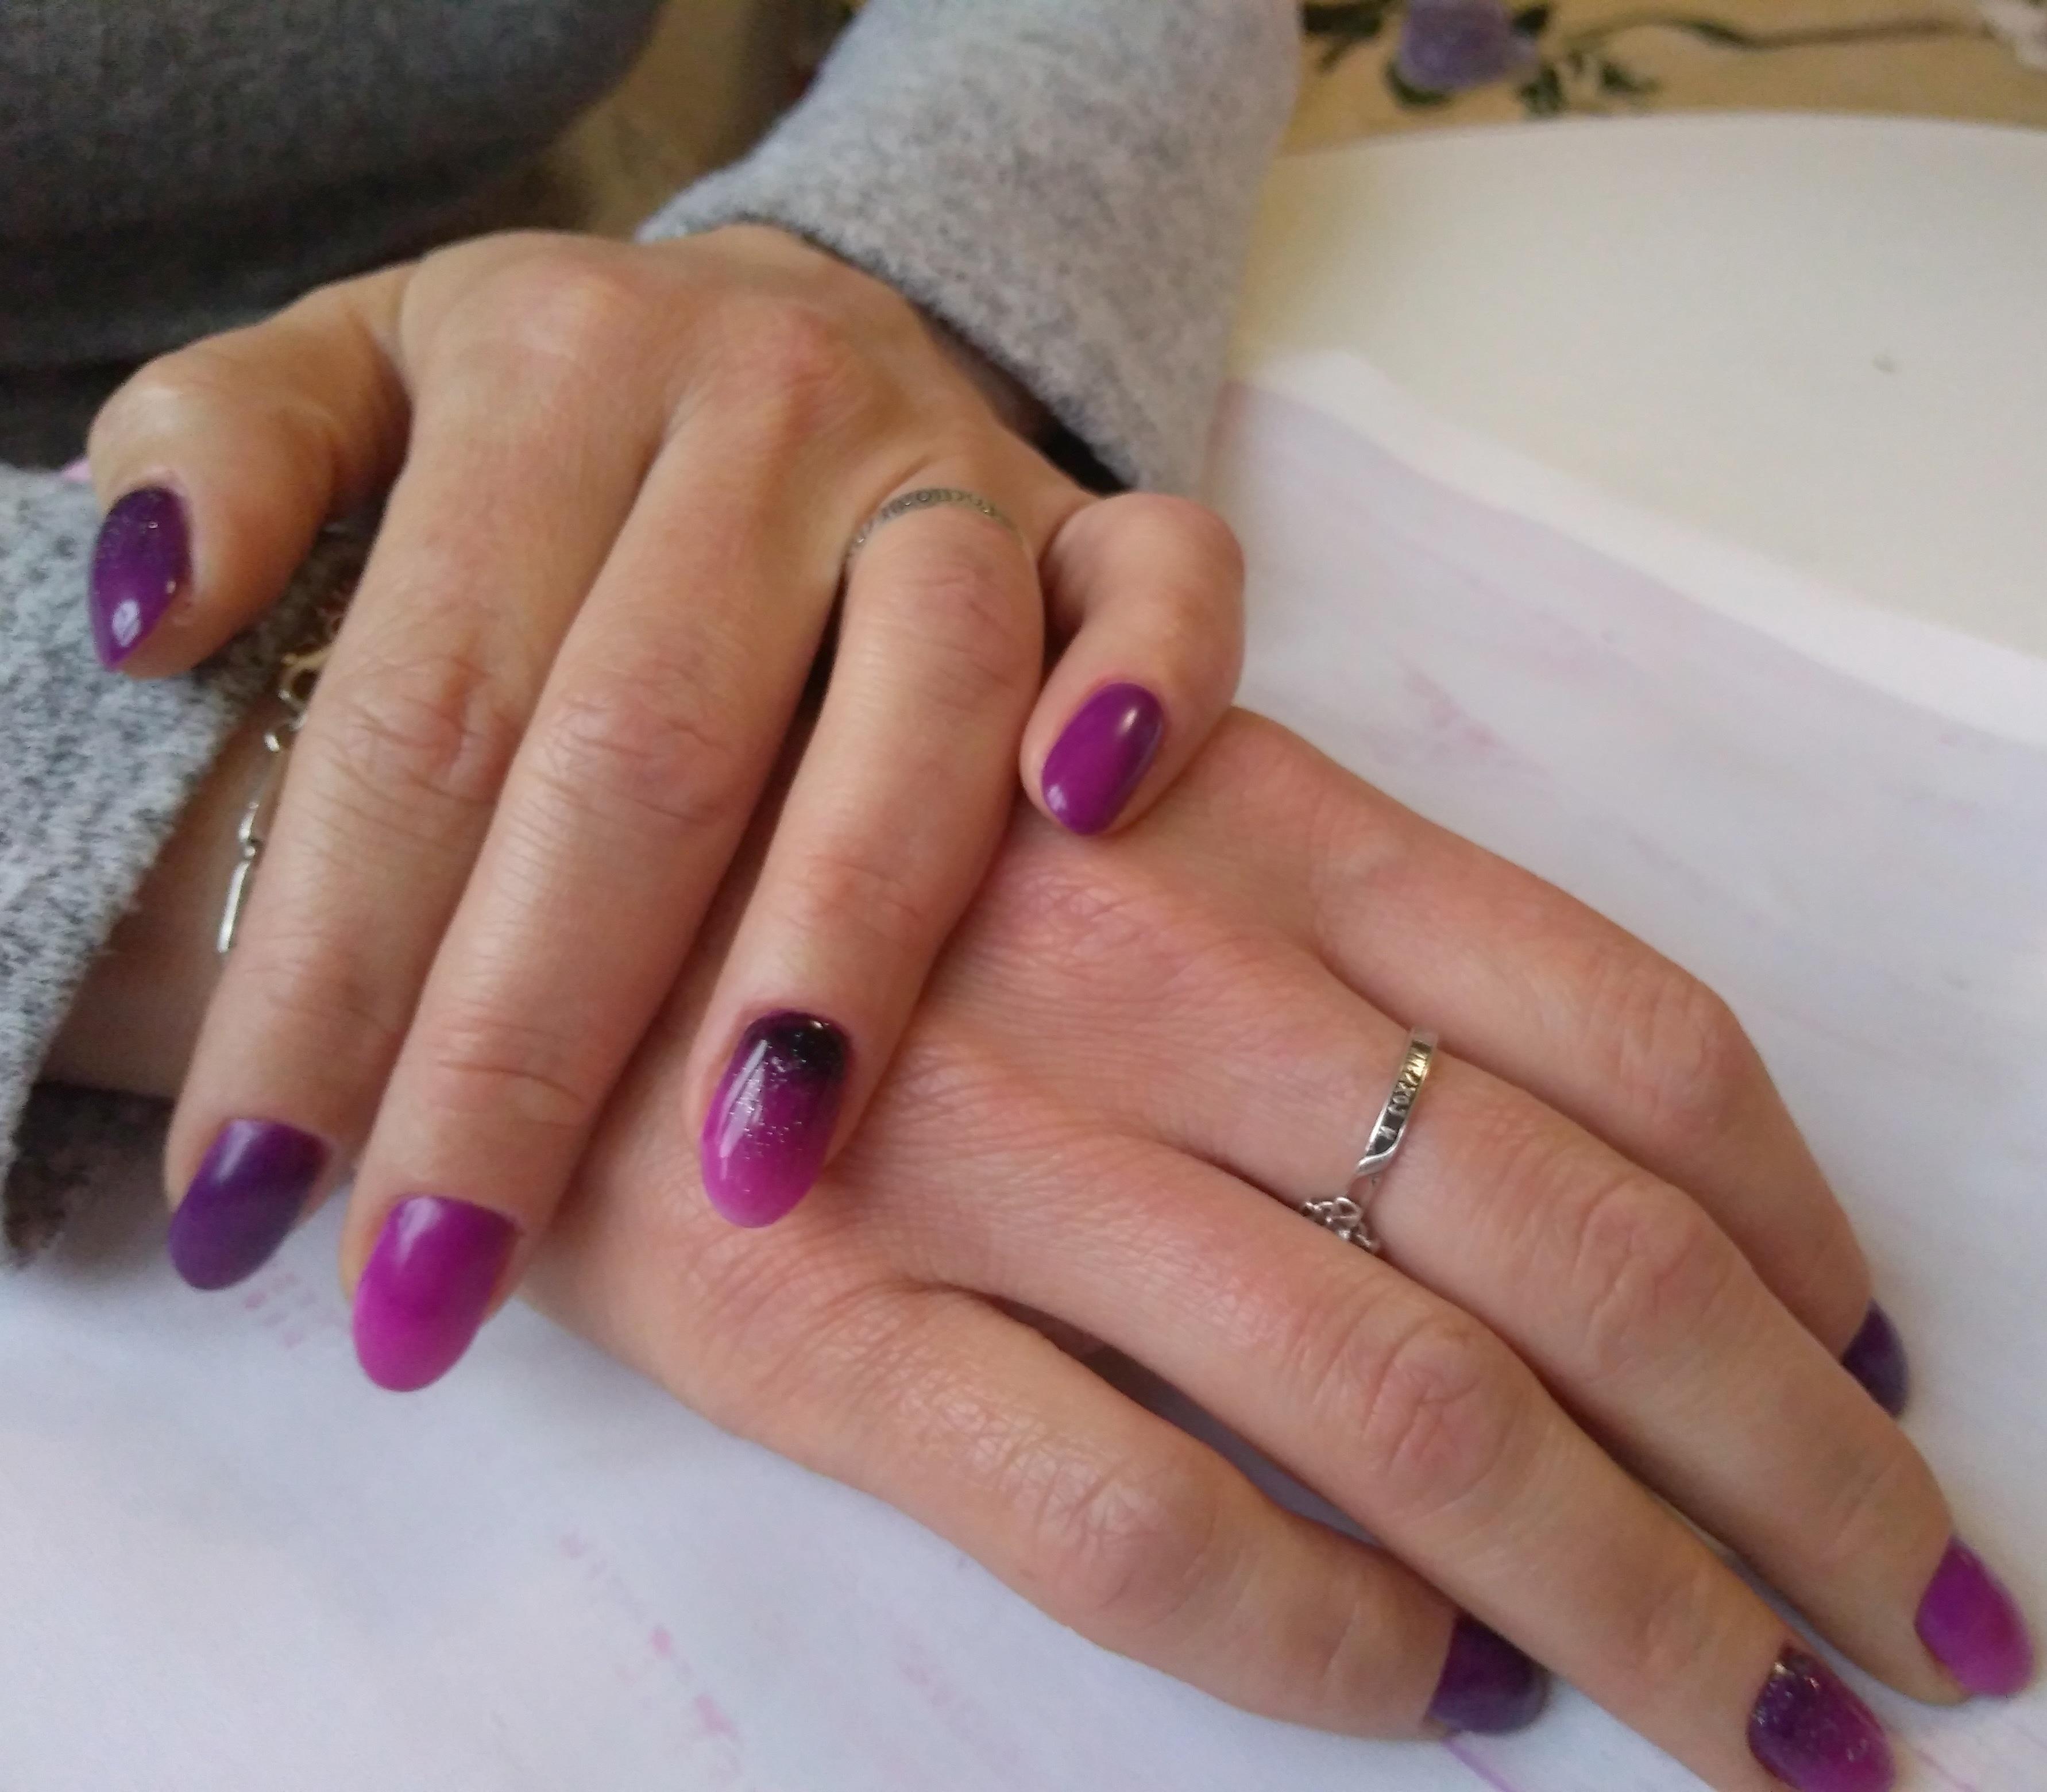 Маникюр с градиентом в баклажановом цвете на короткие ногти.